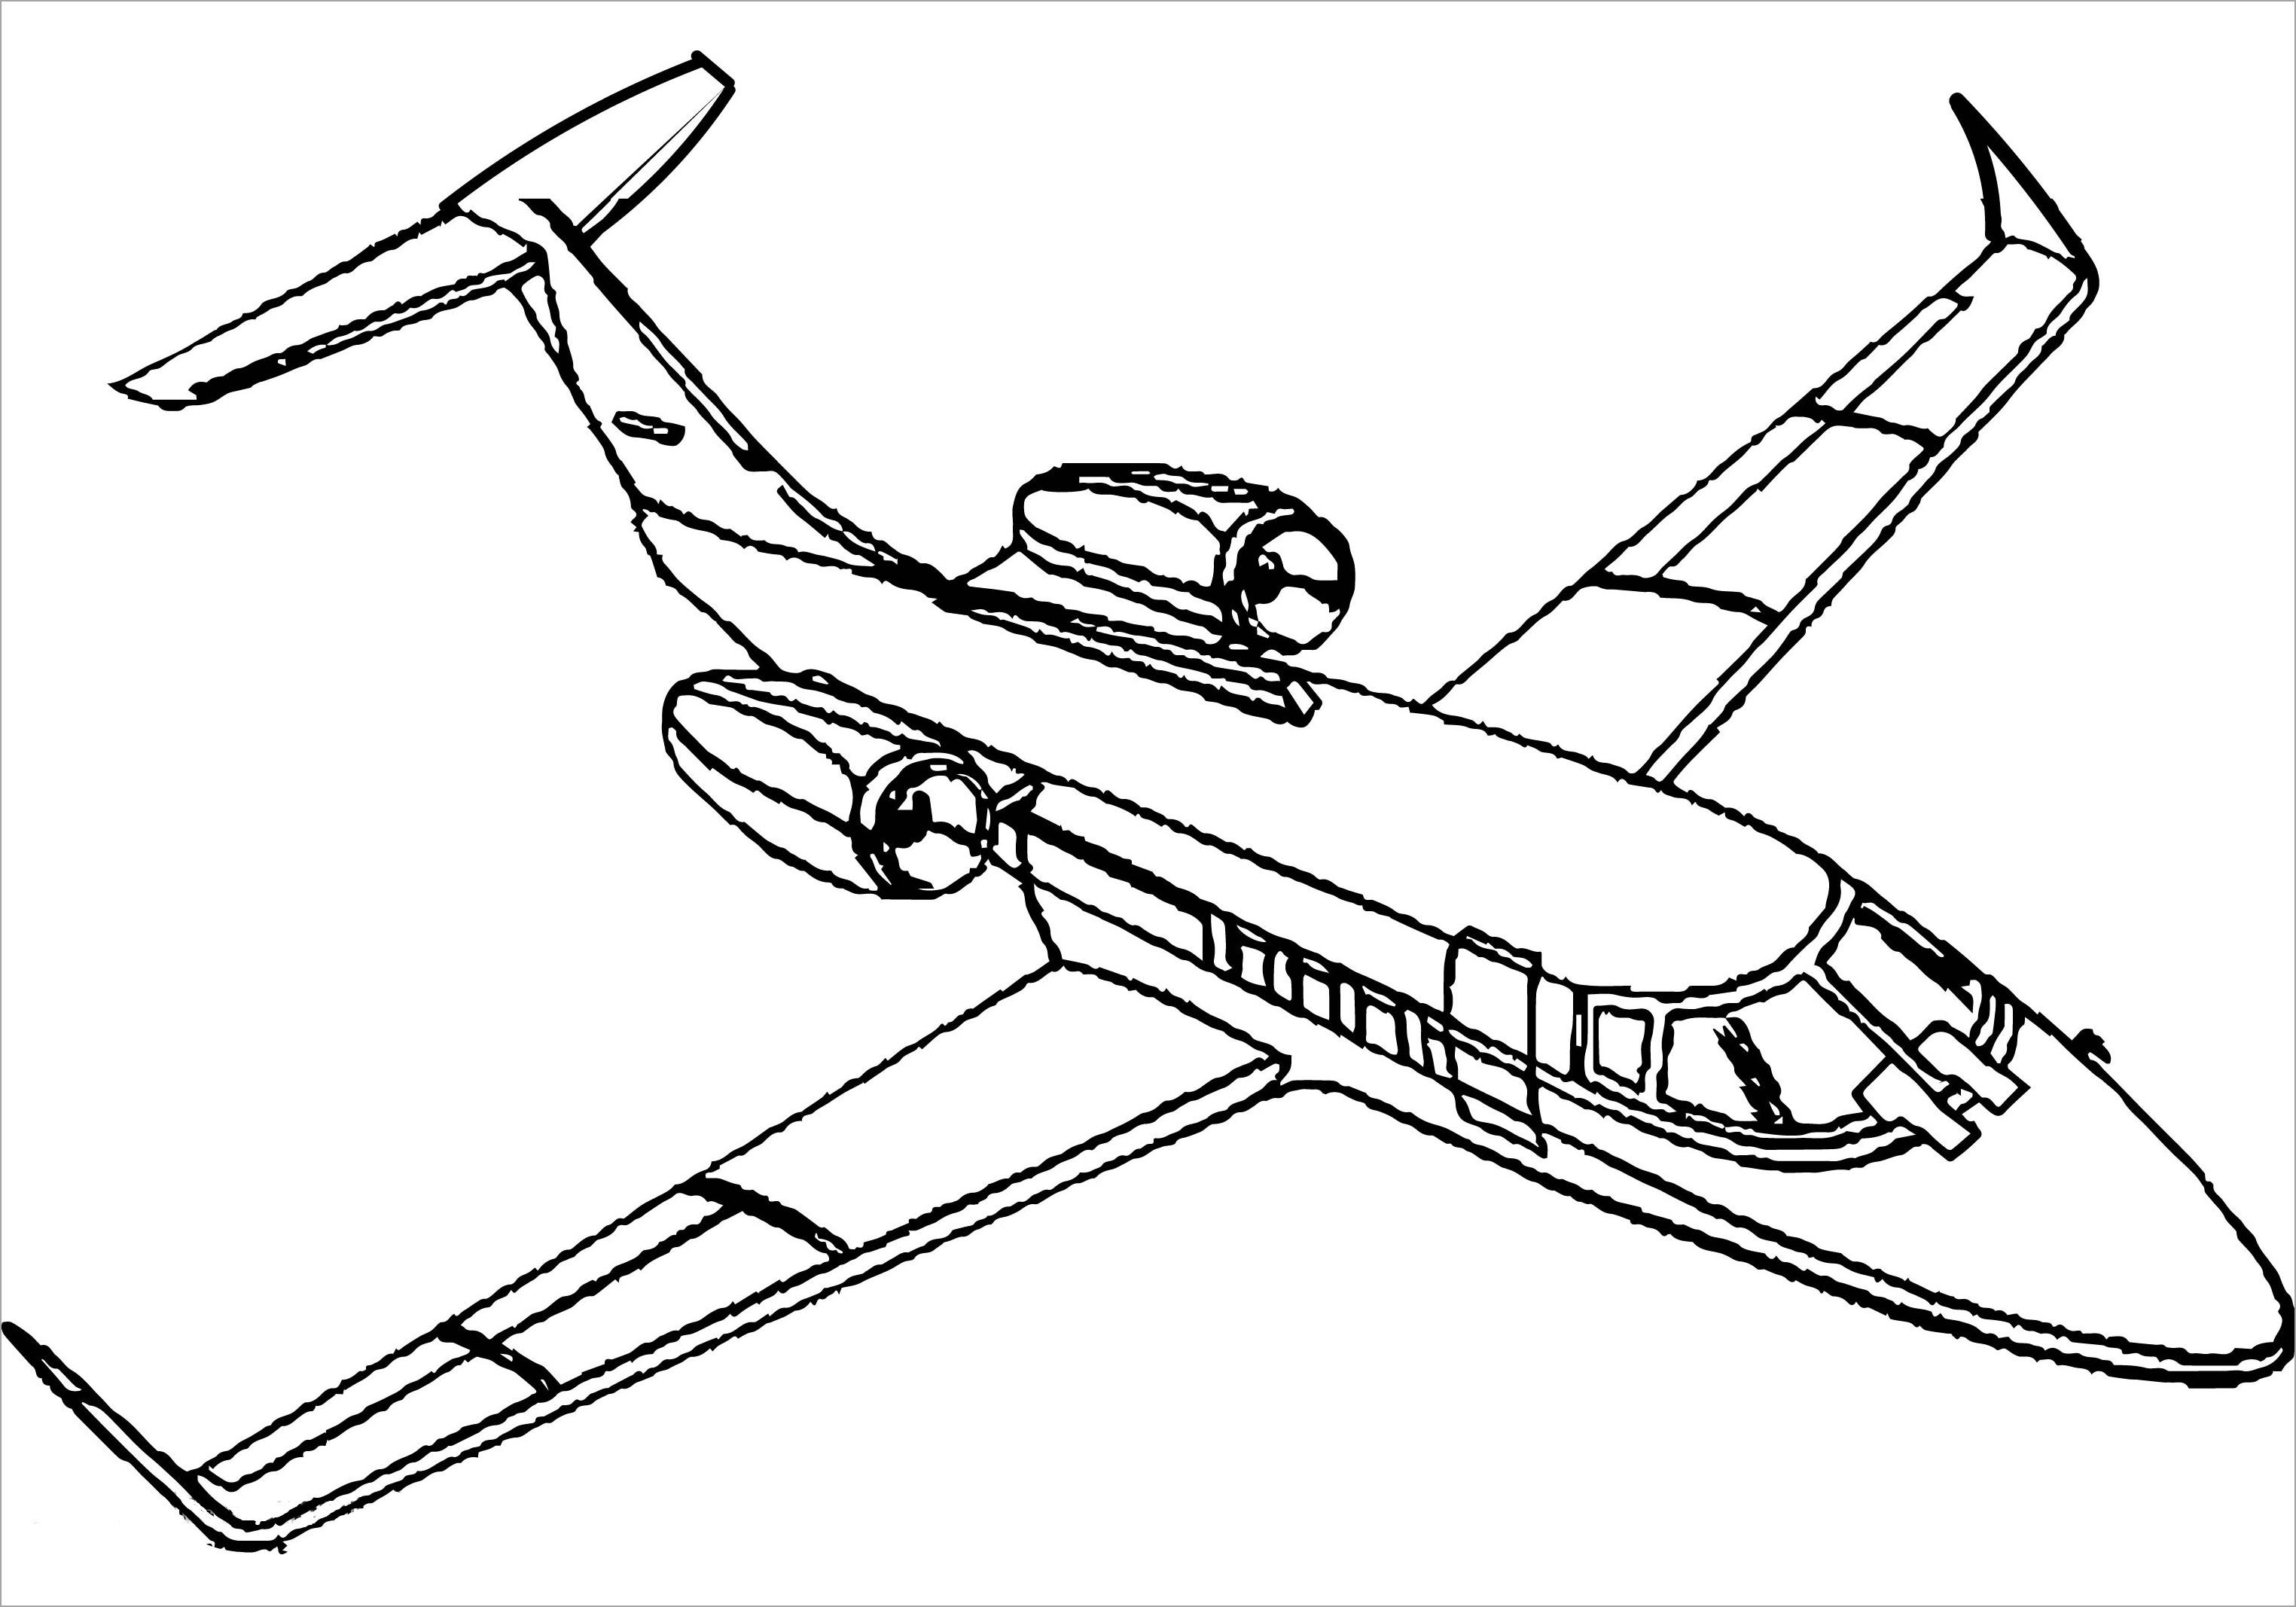 Tranh tập tô cho bé chủ đề máy bay